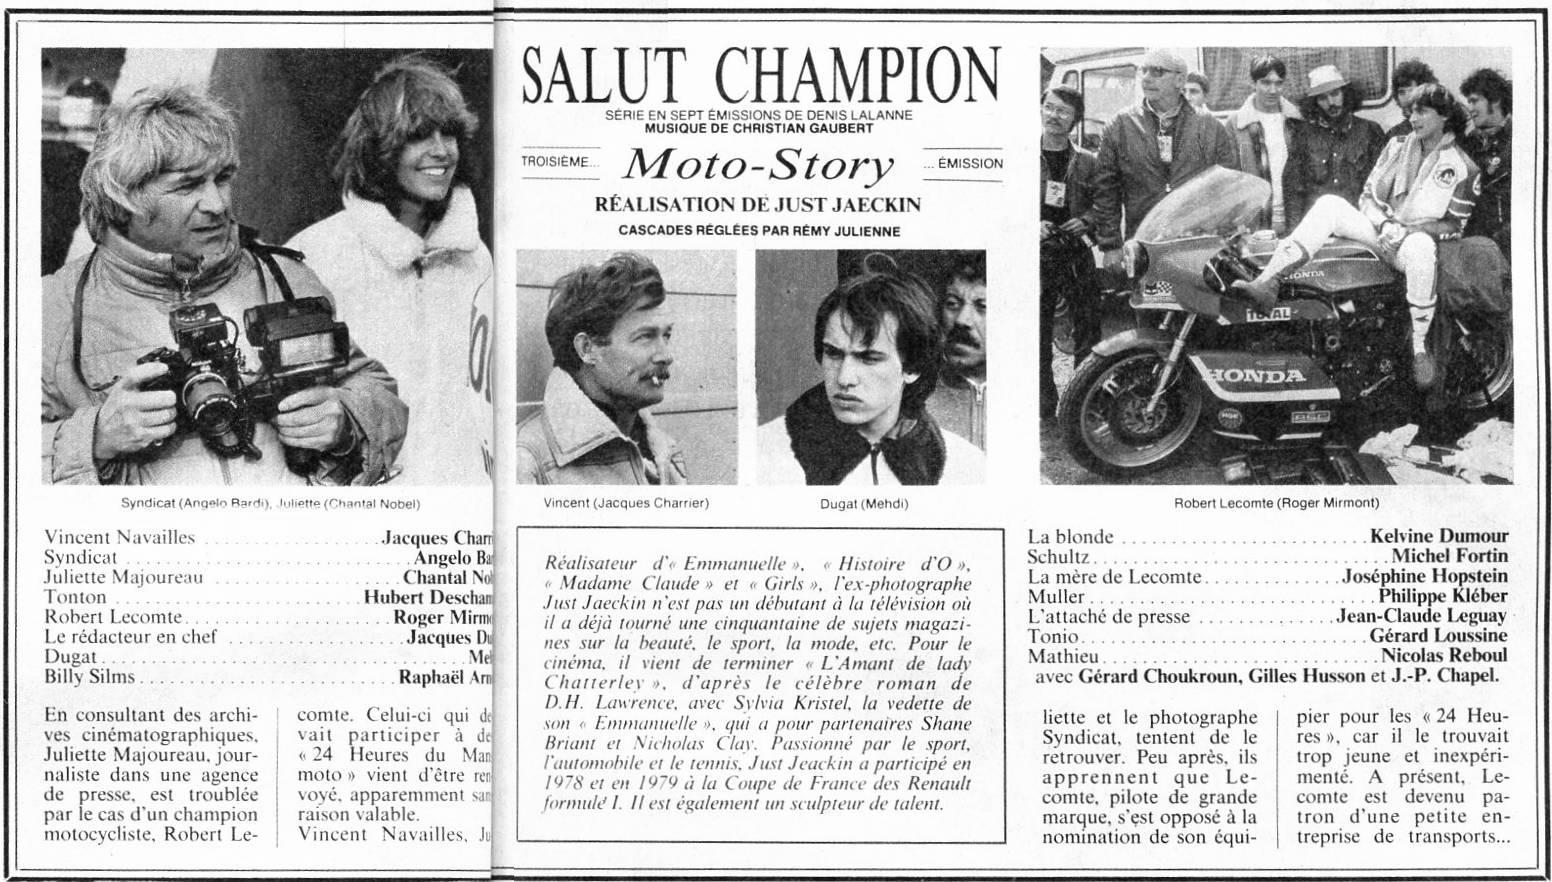 Salut champion - Moto Story © Base de Données de films français avec images